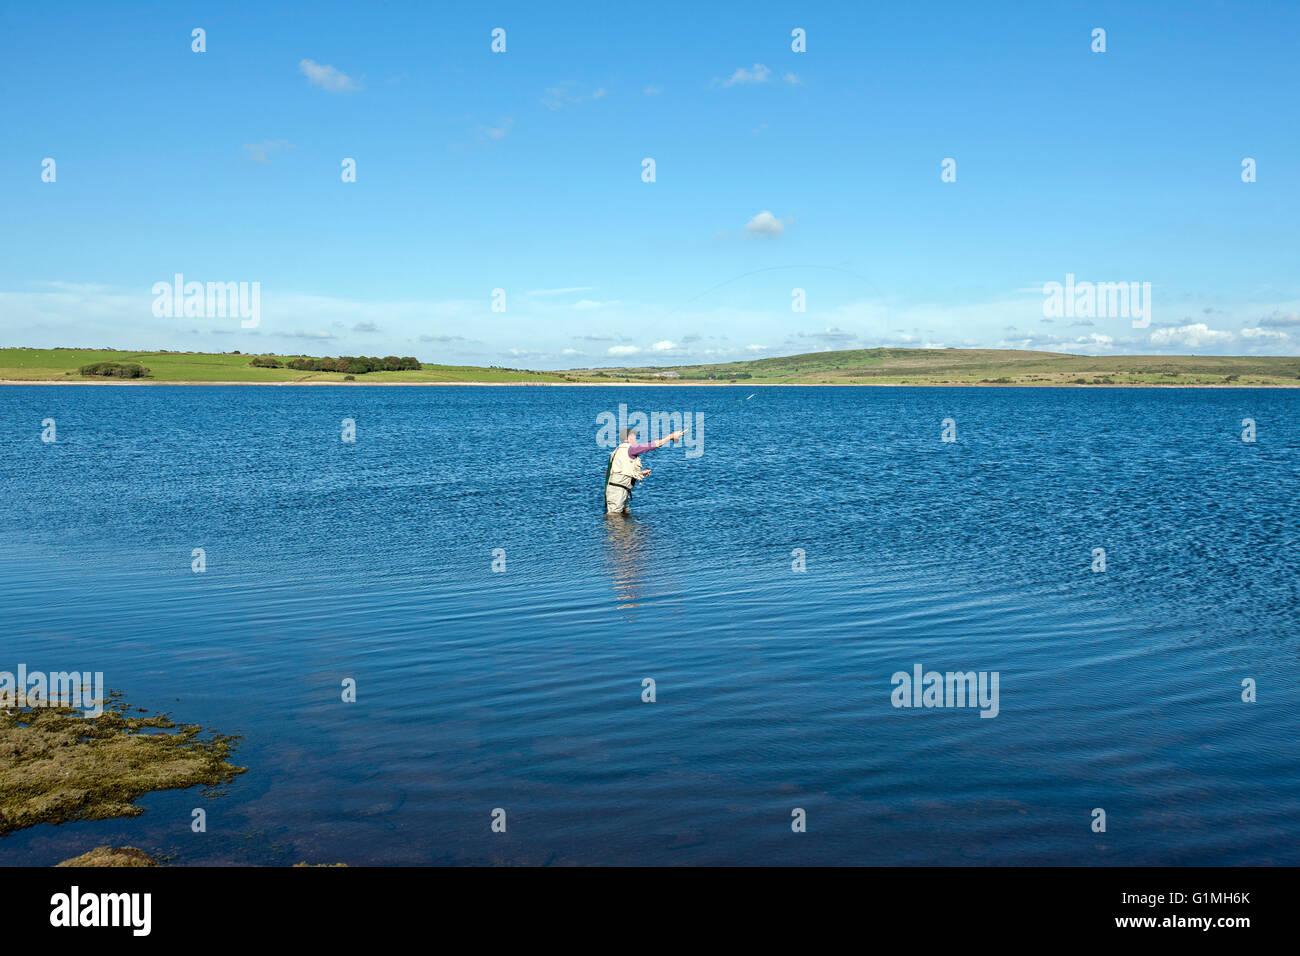 La pêche à la mouche sur le lac réservoir Colliford Cornwall Bodmin Moor lone man casting avec la Photo Stock